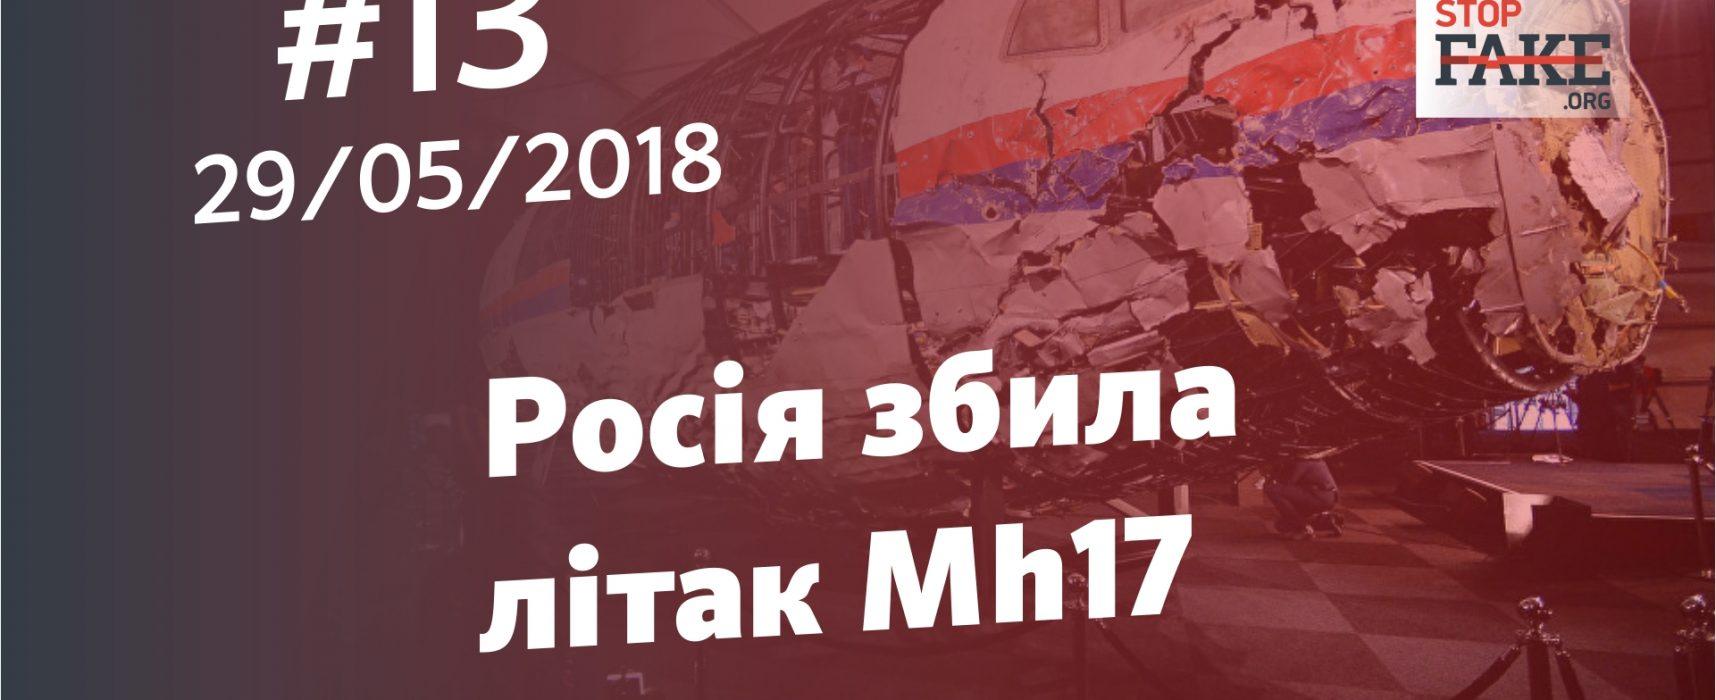 Росія збила літак MH17 – StopFake.org